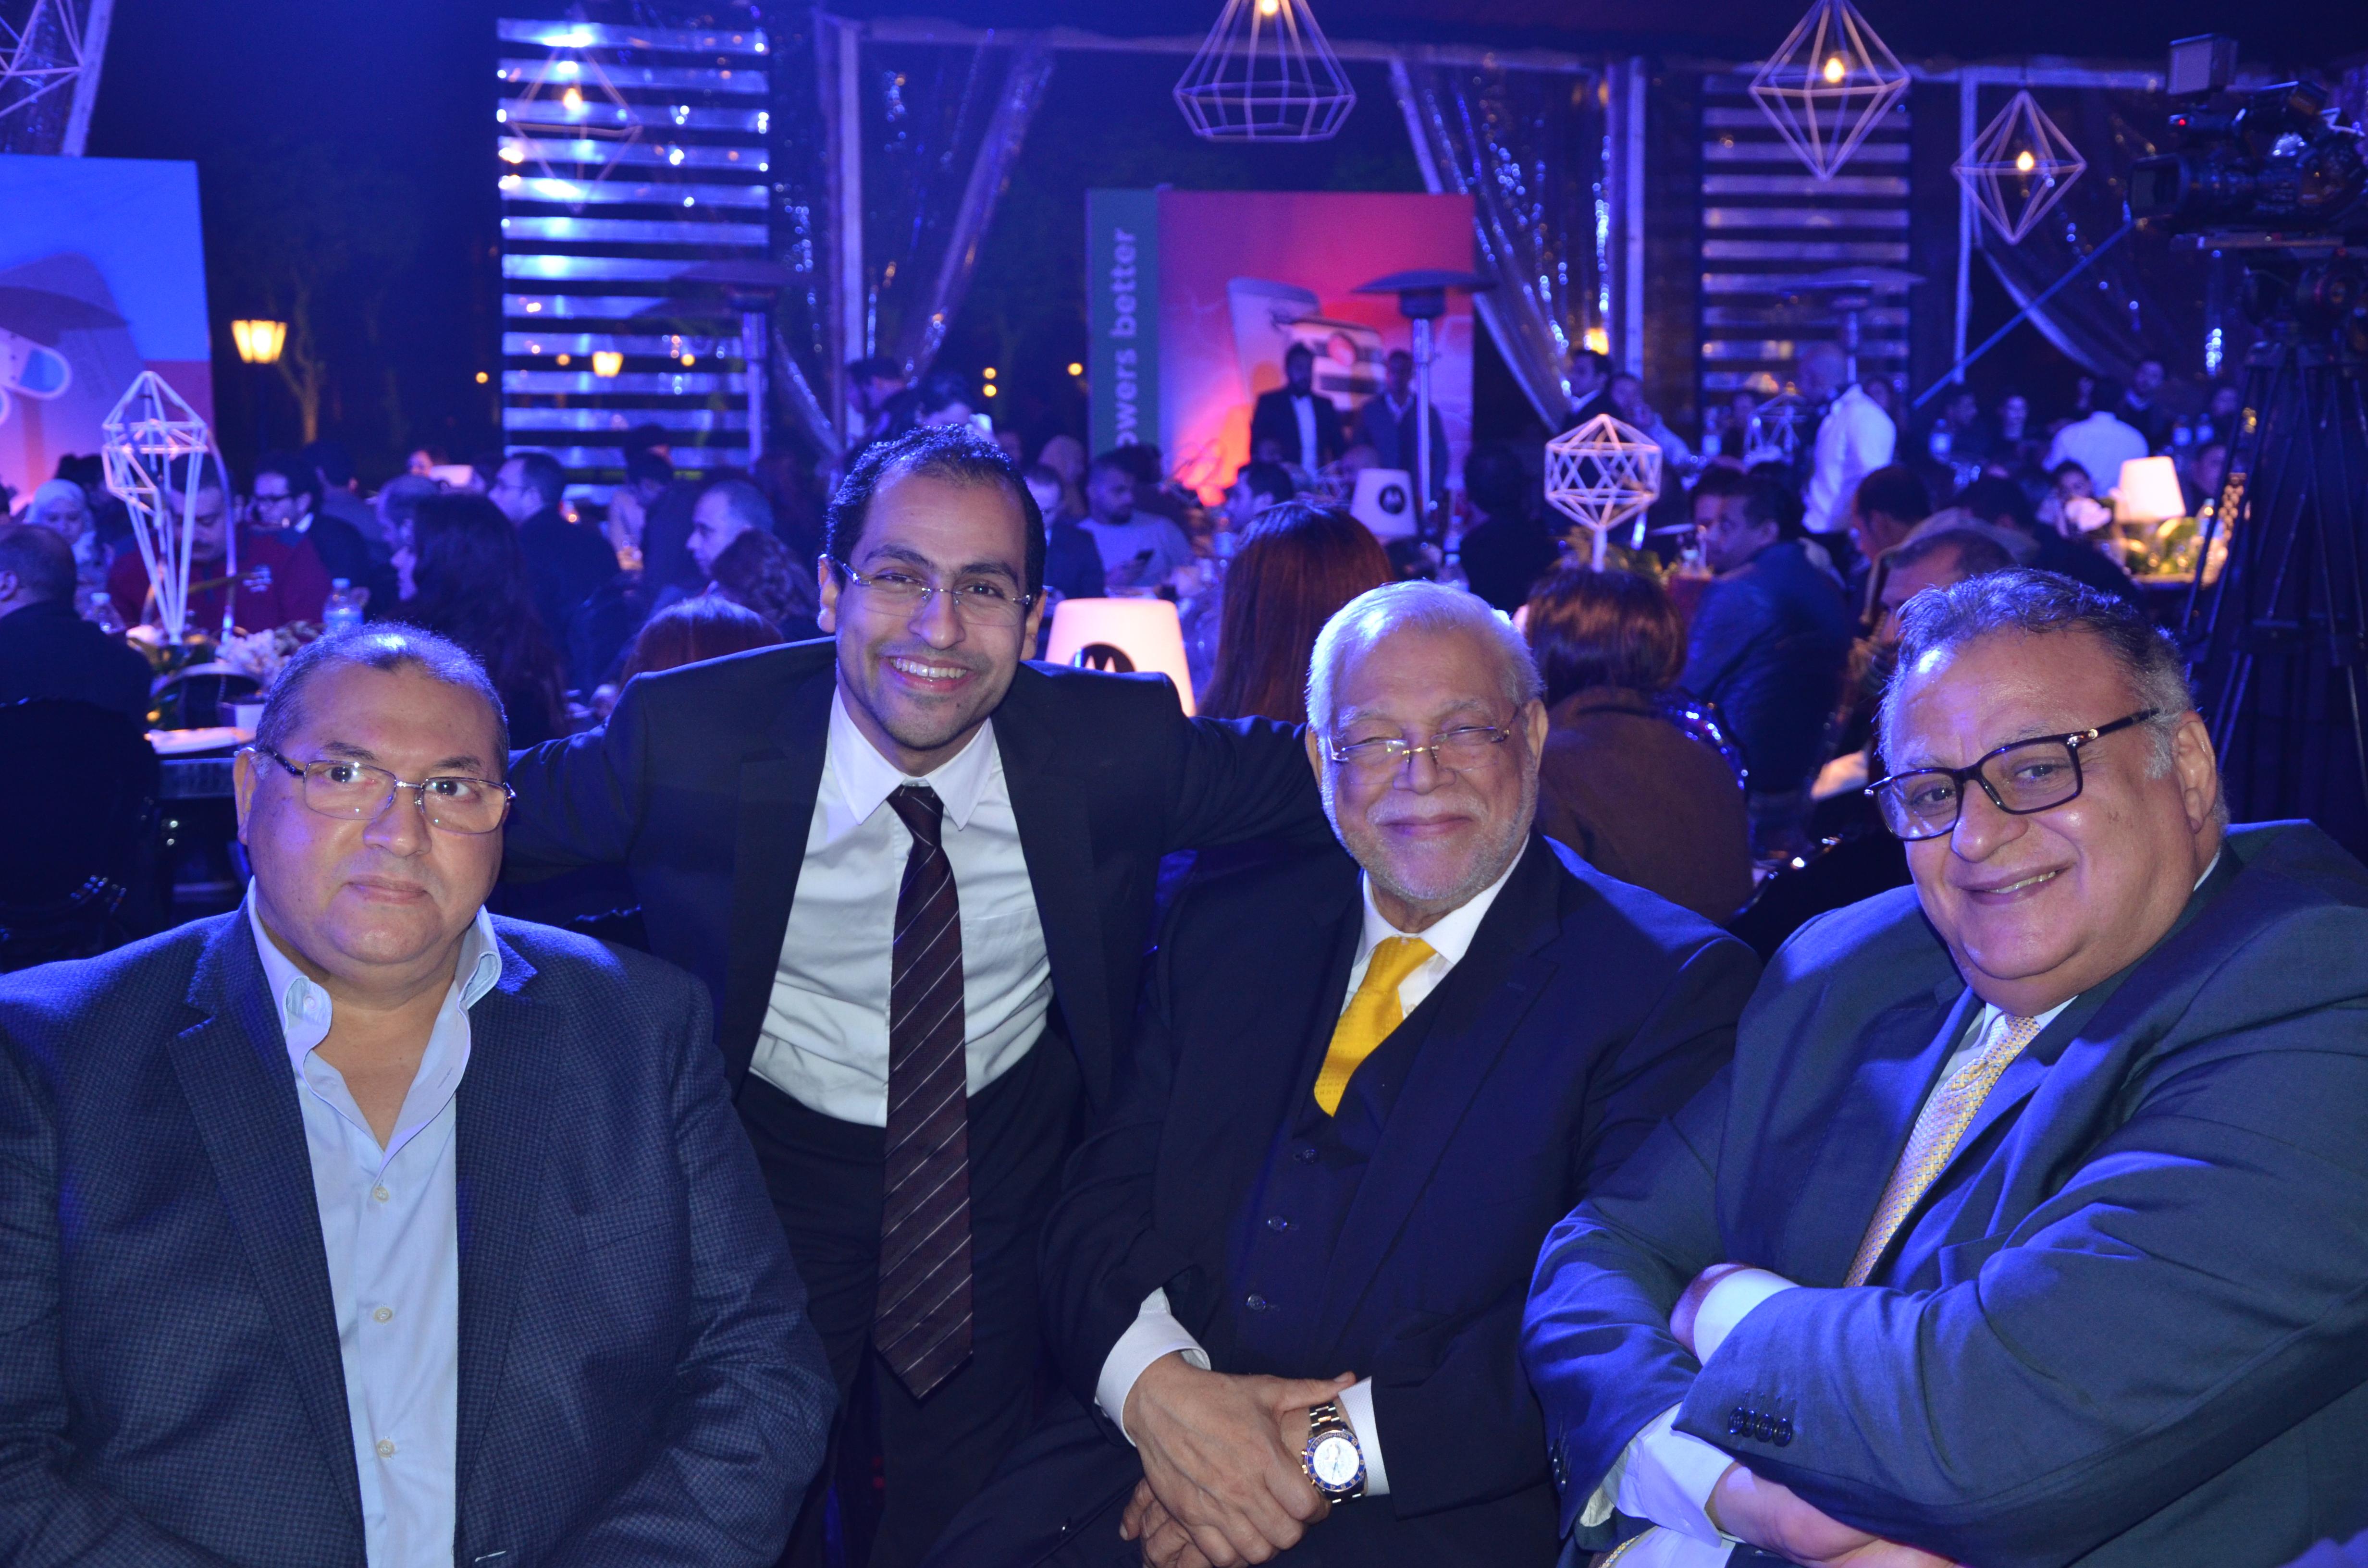 Mohamed Talaat, Sherif Salem, Aly Fouad, Gamil Roushdy